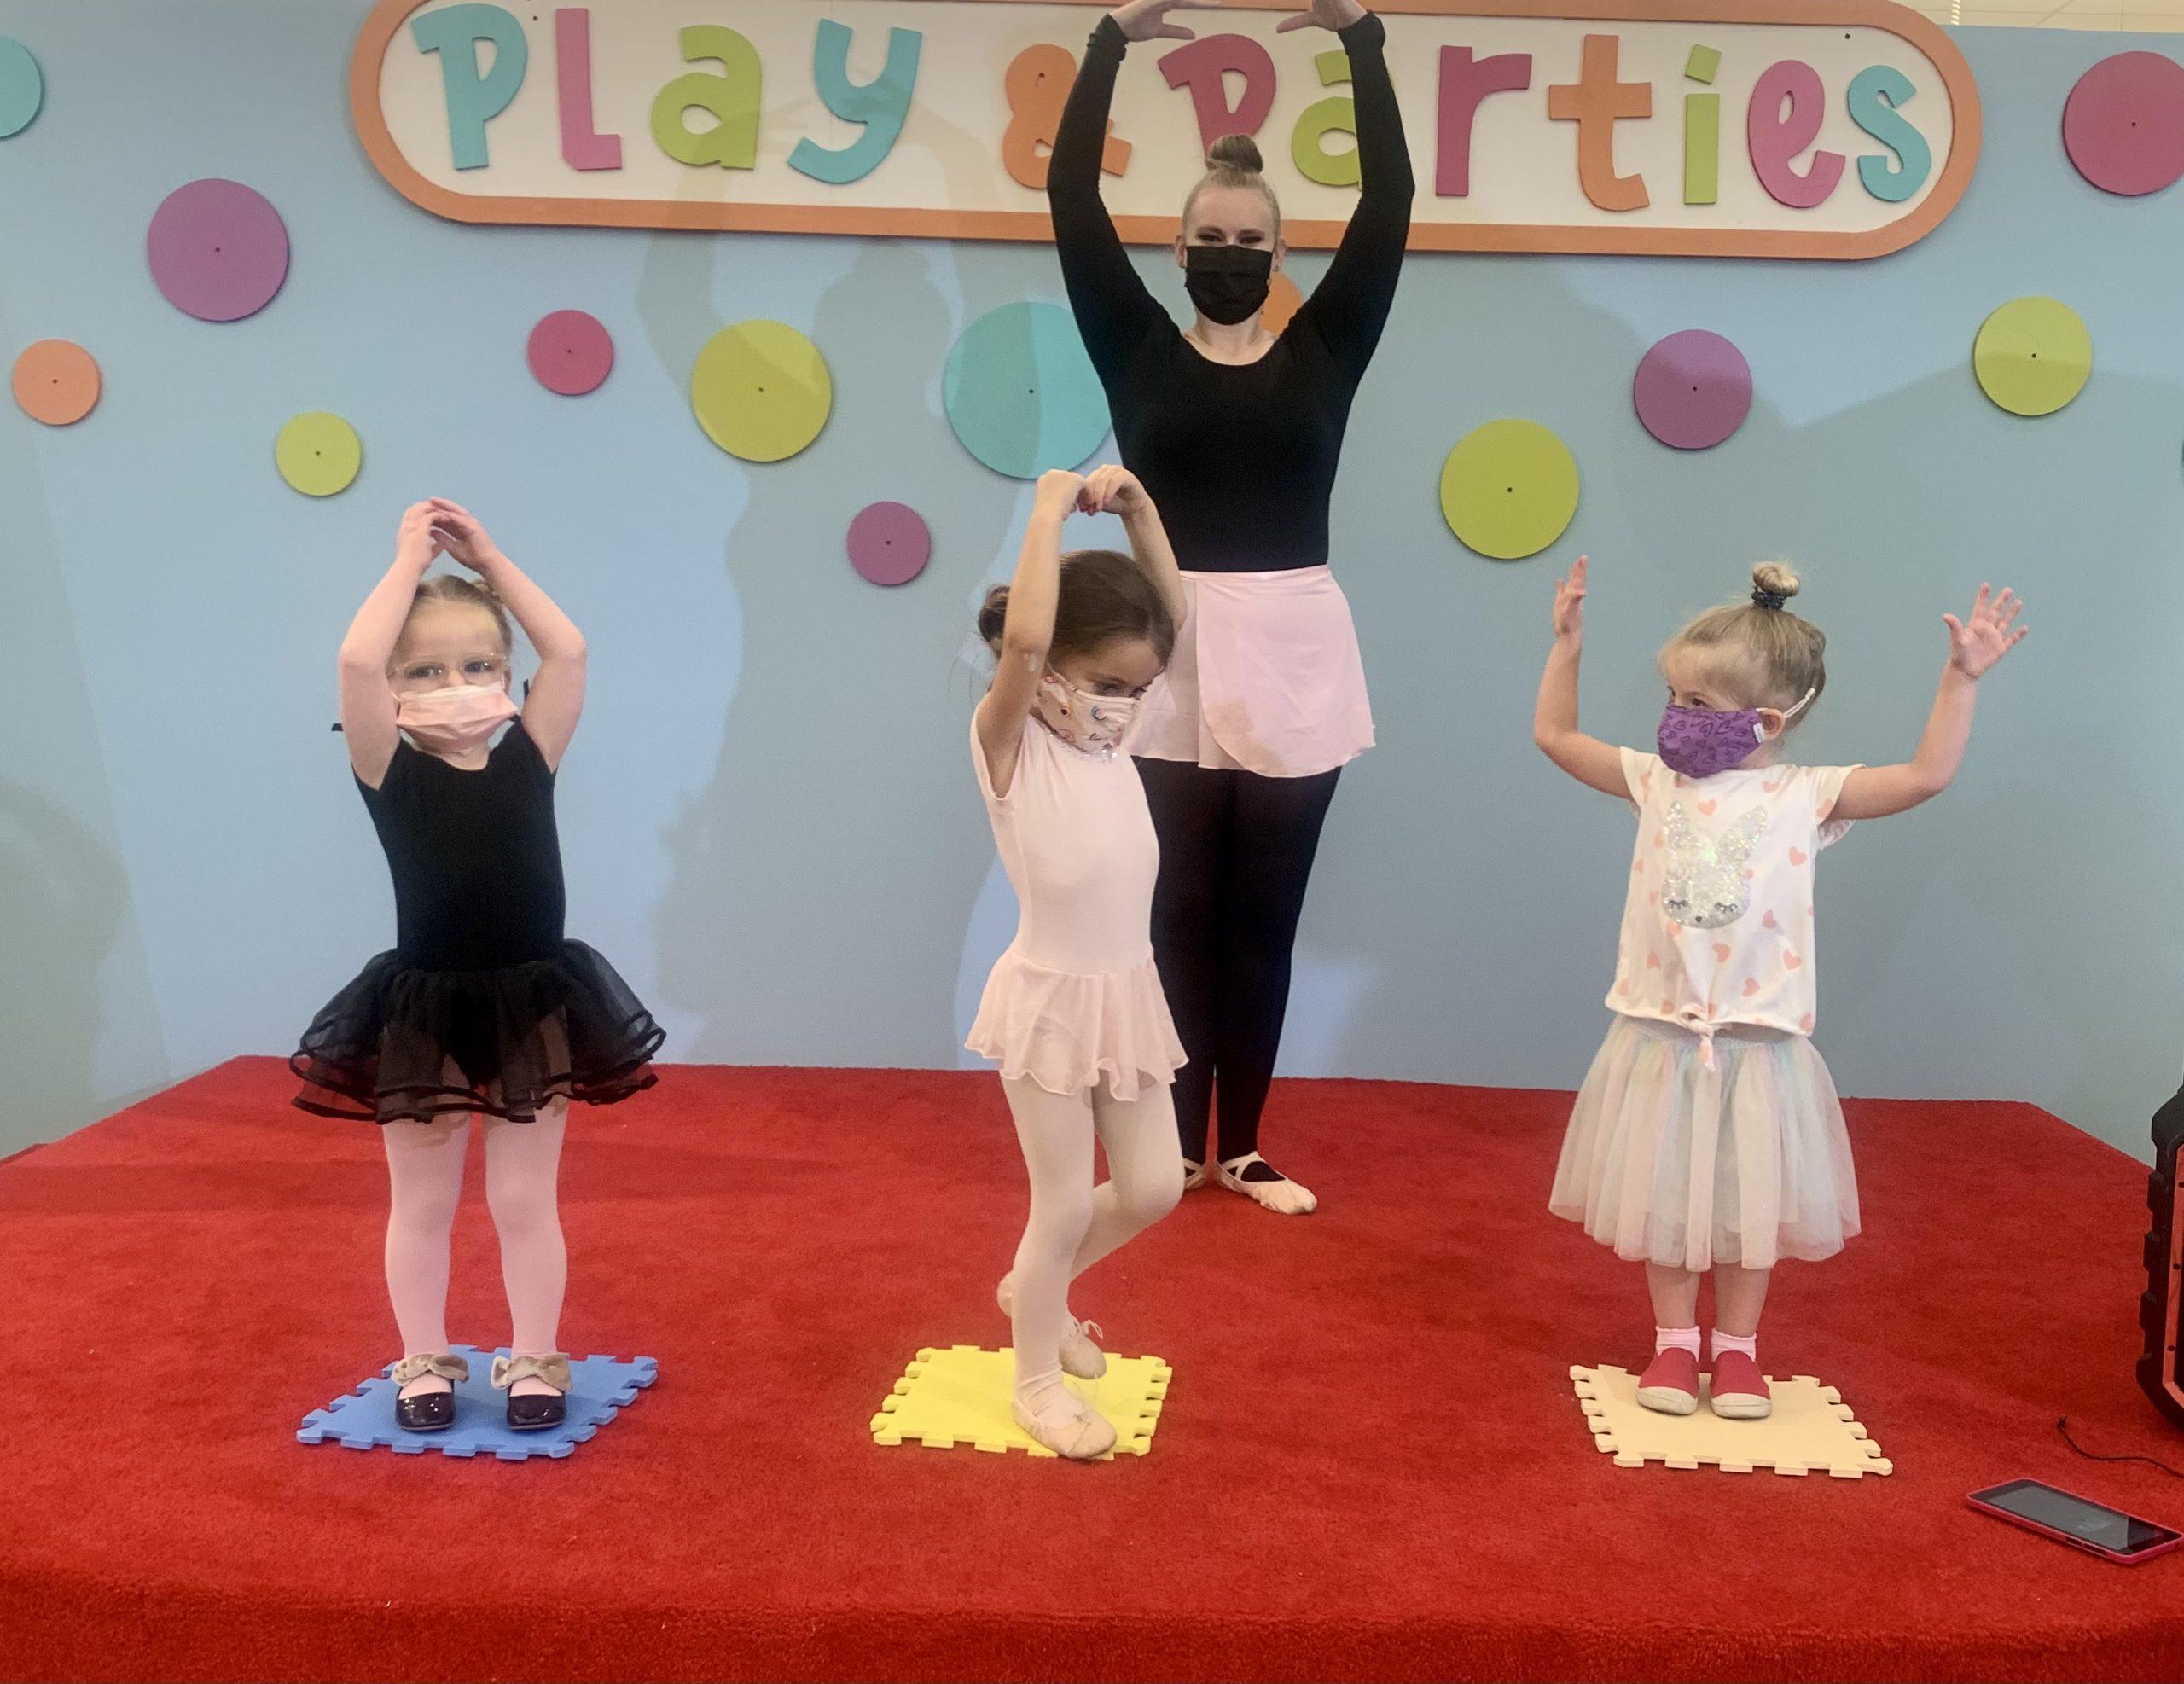 Tiny Tutus Ballet